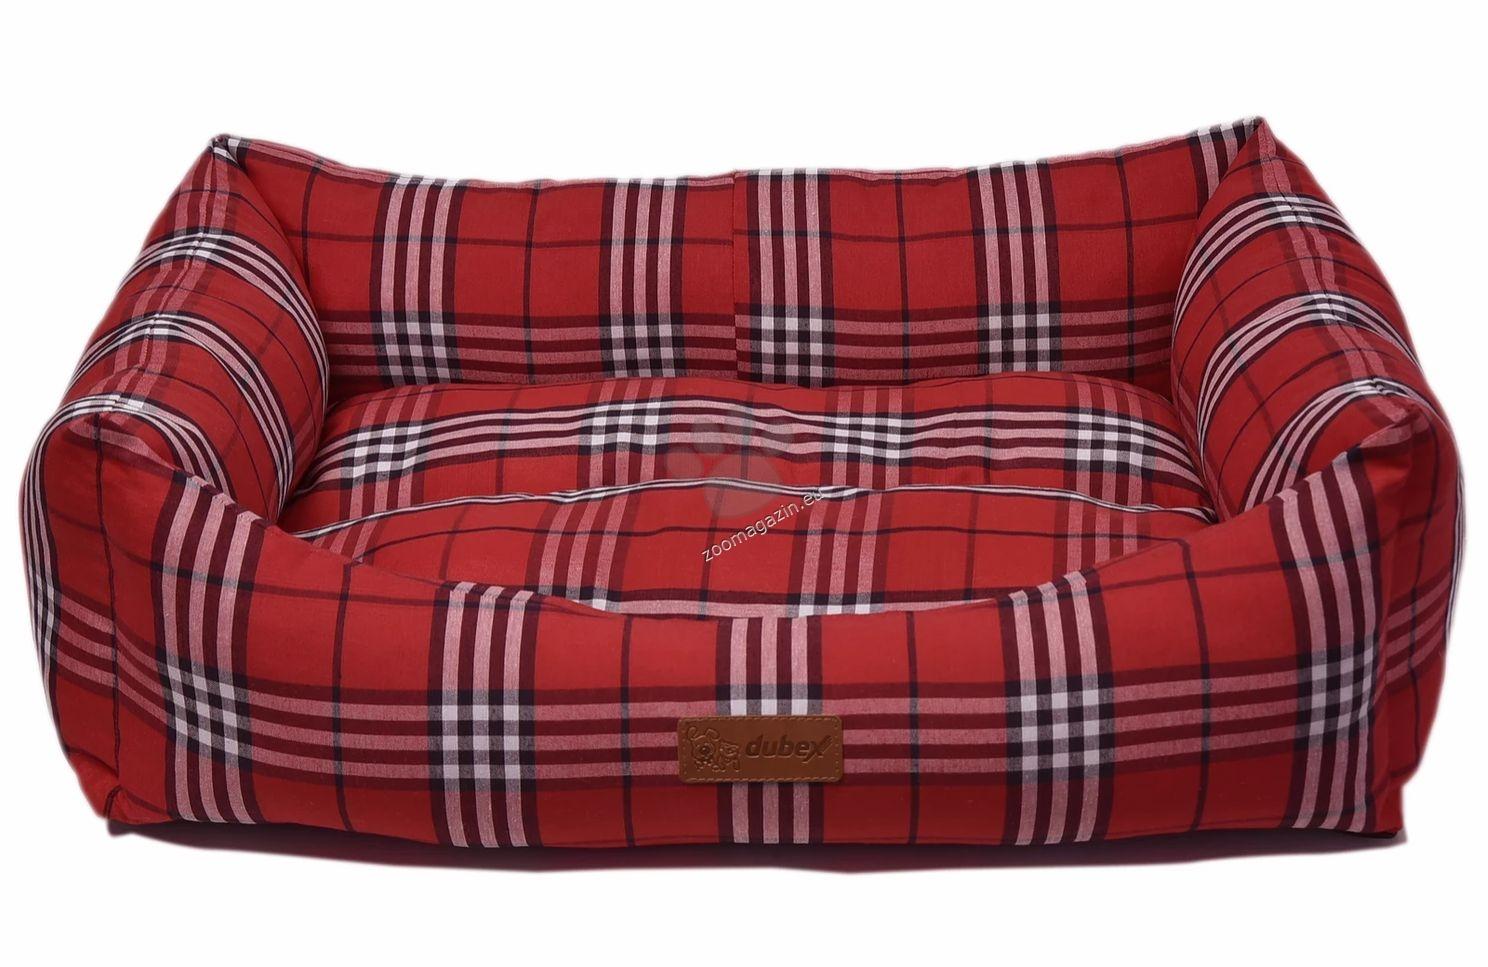 Dubex Danish bed M - меко легло / бежаво, червено, синьо / 62 / 44 / 22 см.